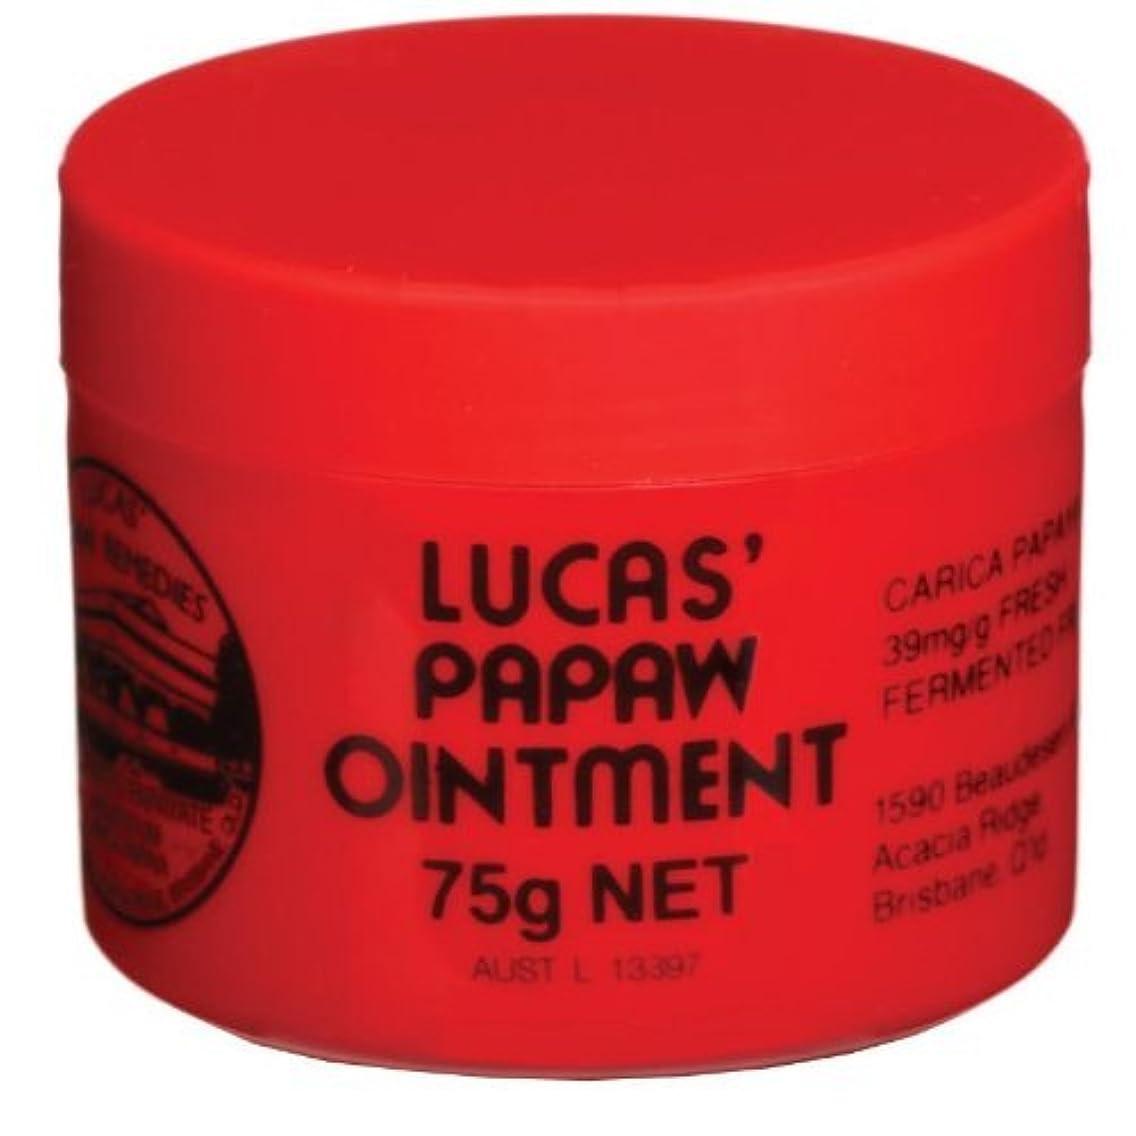 インタフェース炭素職業[Lucas' Papaw Ointment] ルーカスポーポークリーム 75g